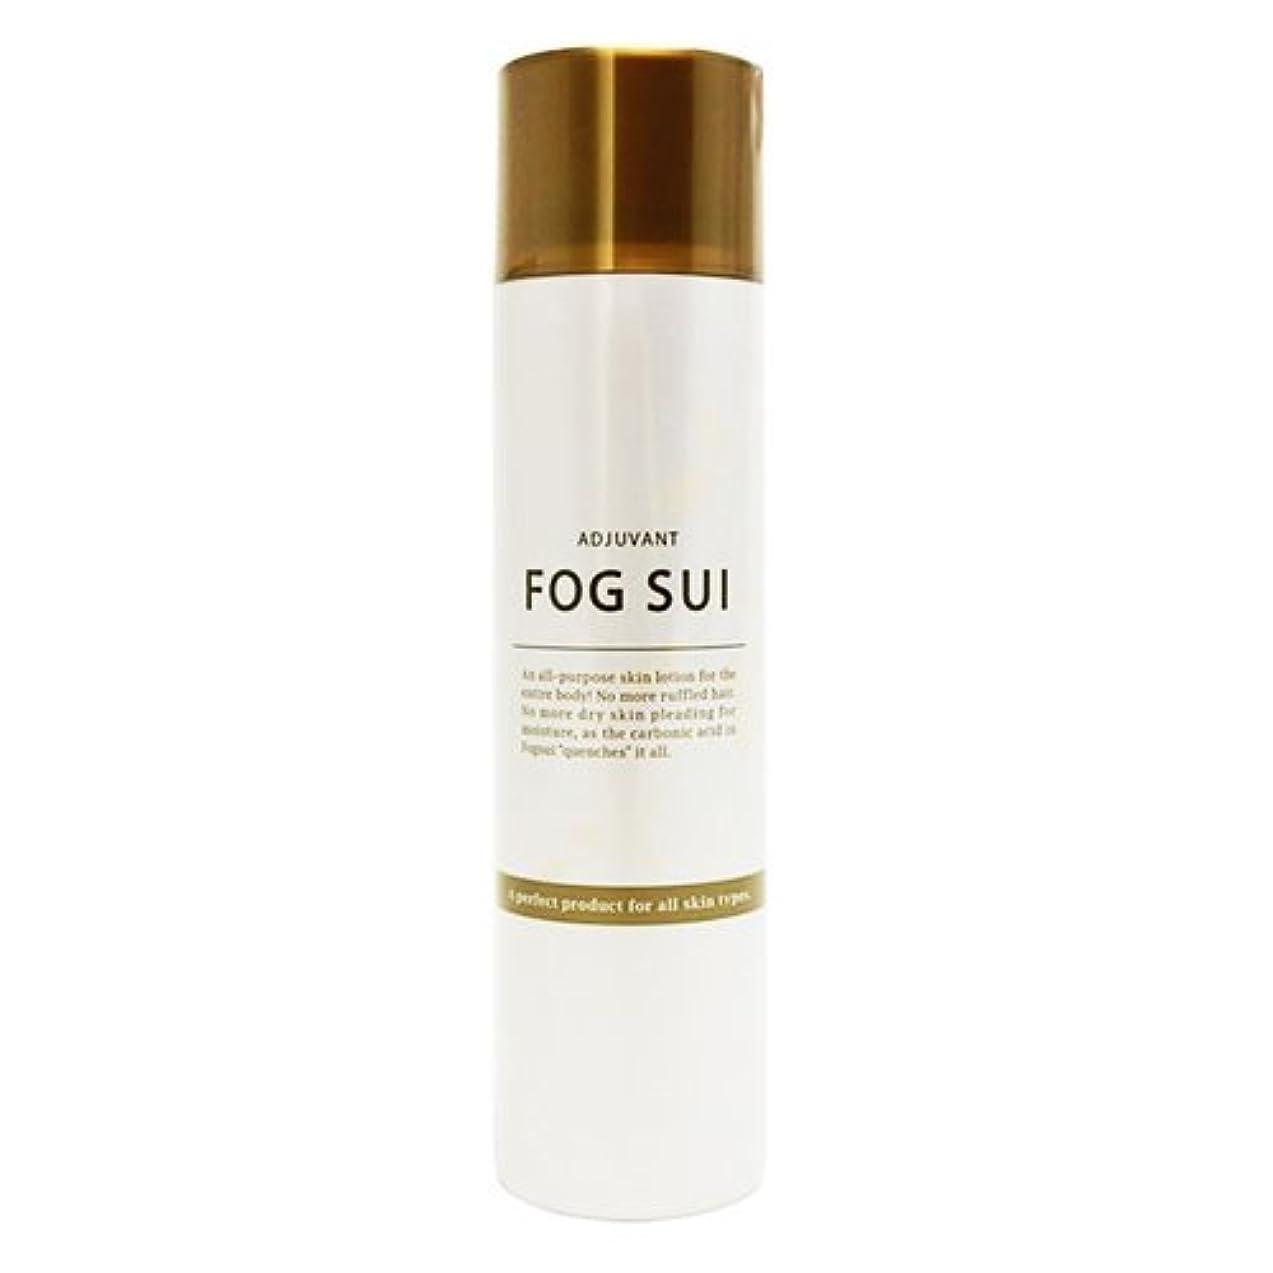 前述の平衡活力アジュバン フォグスイ 【全身用化粧水】 FOGSUI  120g